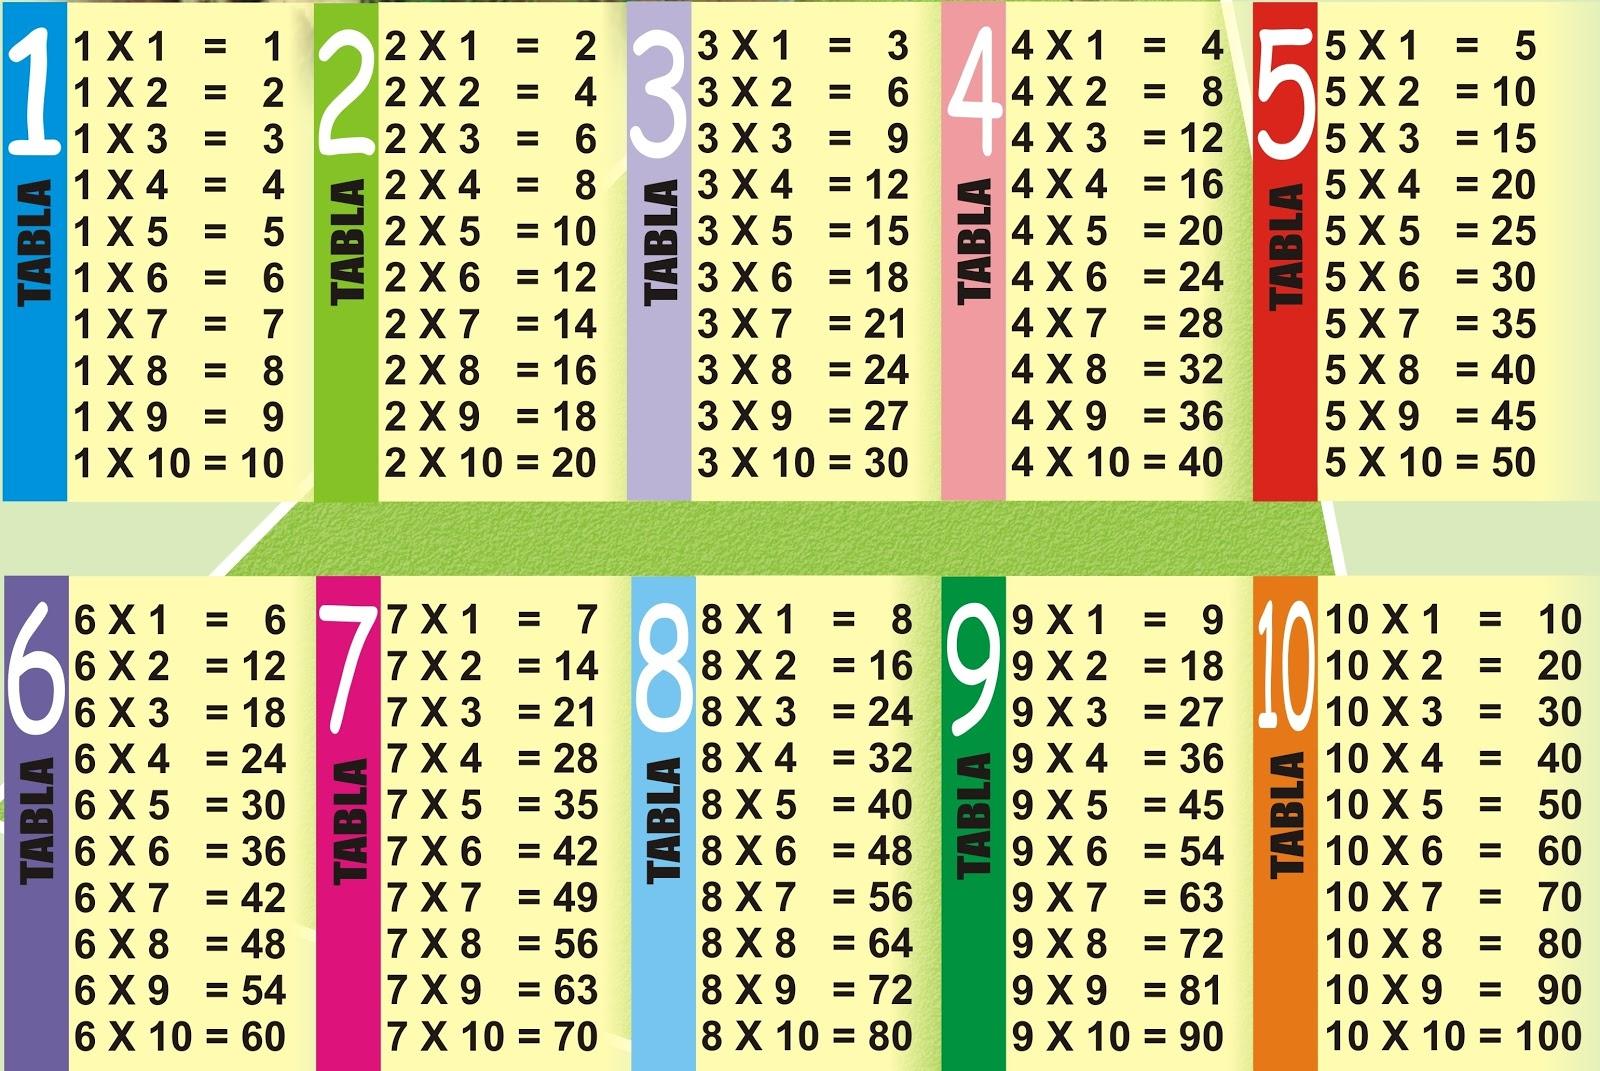 Tablas de multiplicar del 1 al 10 tablas imagenes educativas for De multiplication